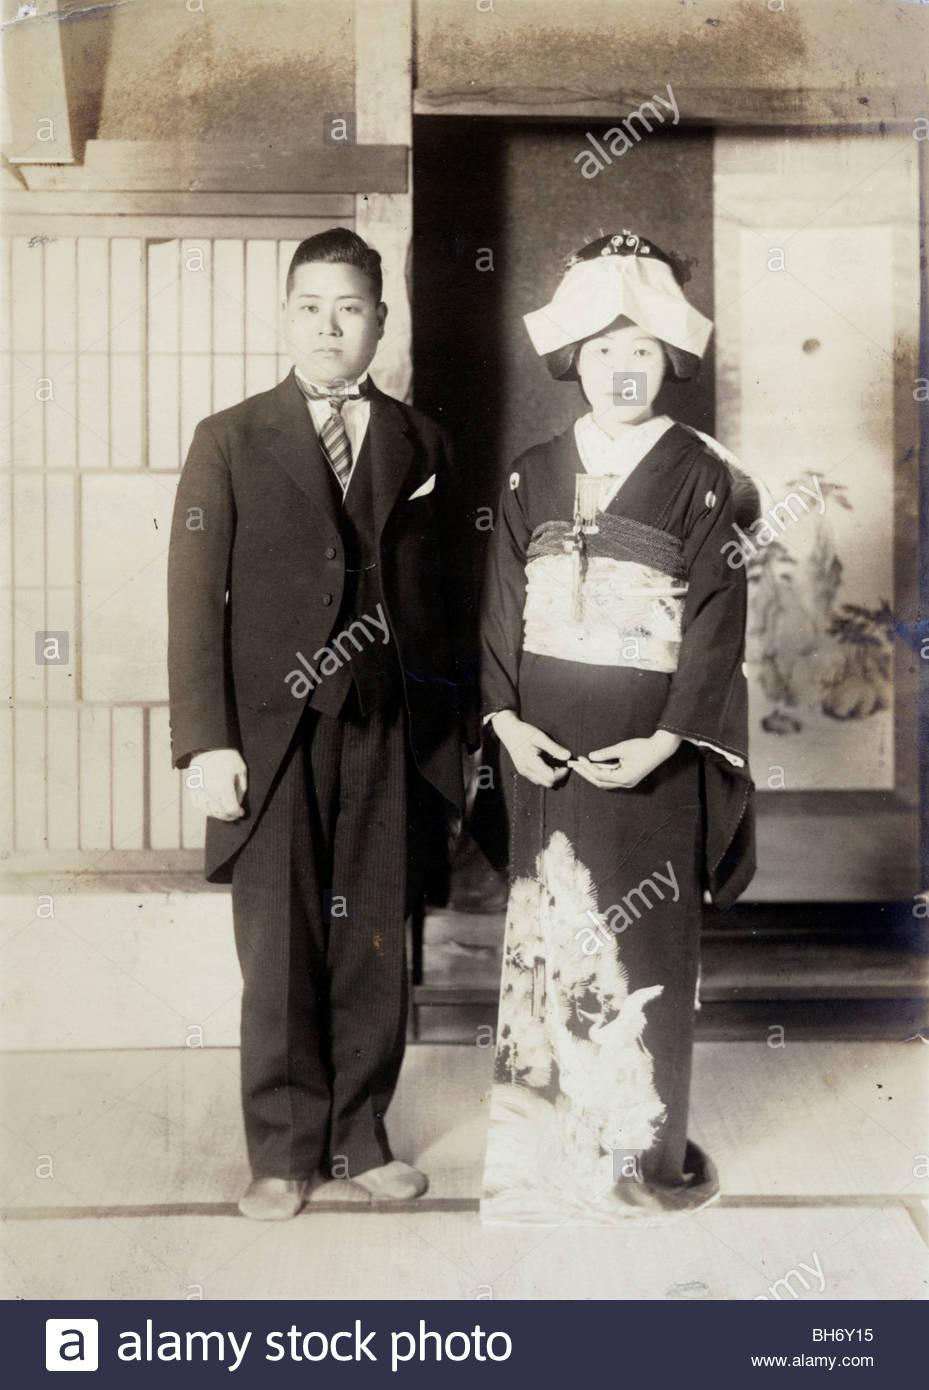 Hochzeit mit Mann im westlichen Stil Kleidung Japan Anfang der ...